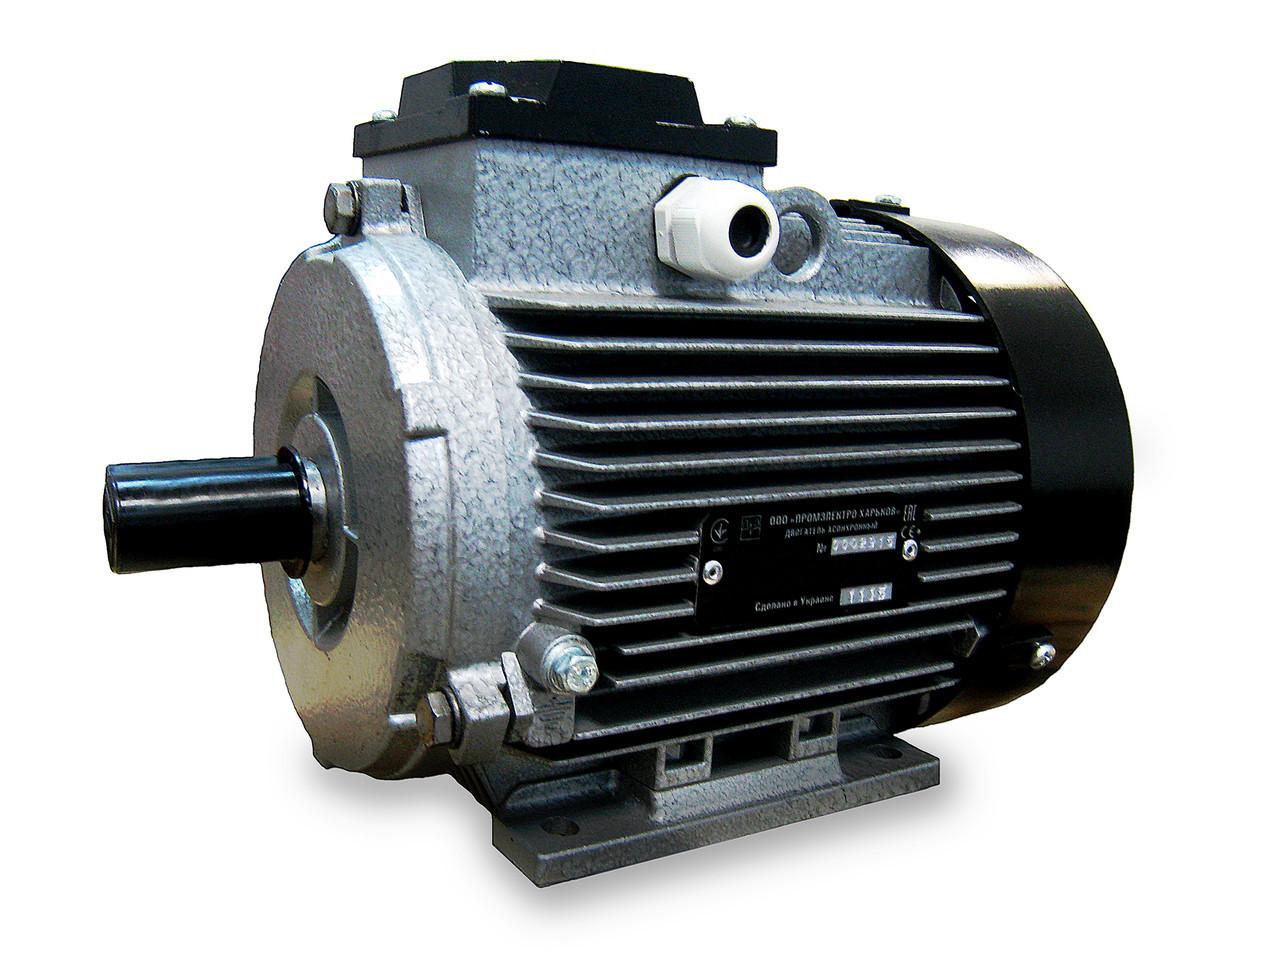 Трёхфазный электродвигатель АИР 100 S4 У2 (3 кВт, 1500 об/мин)